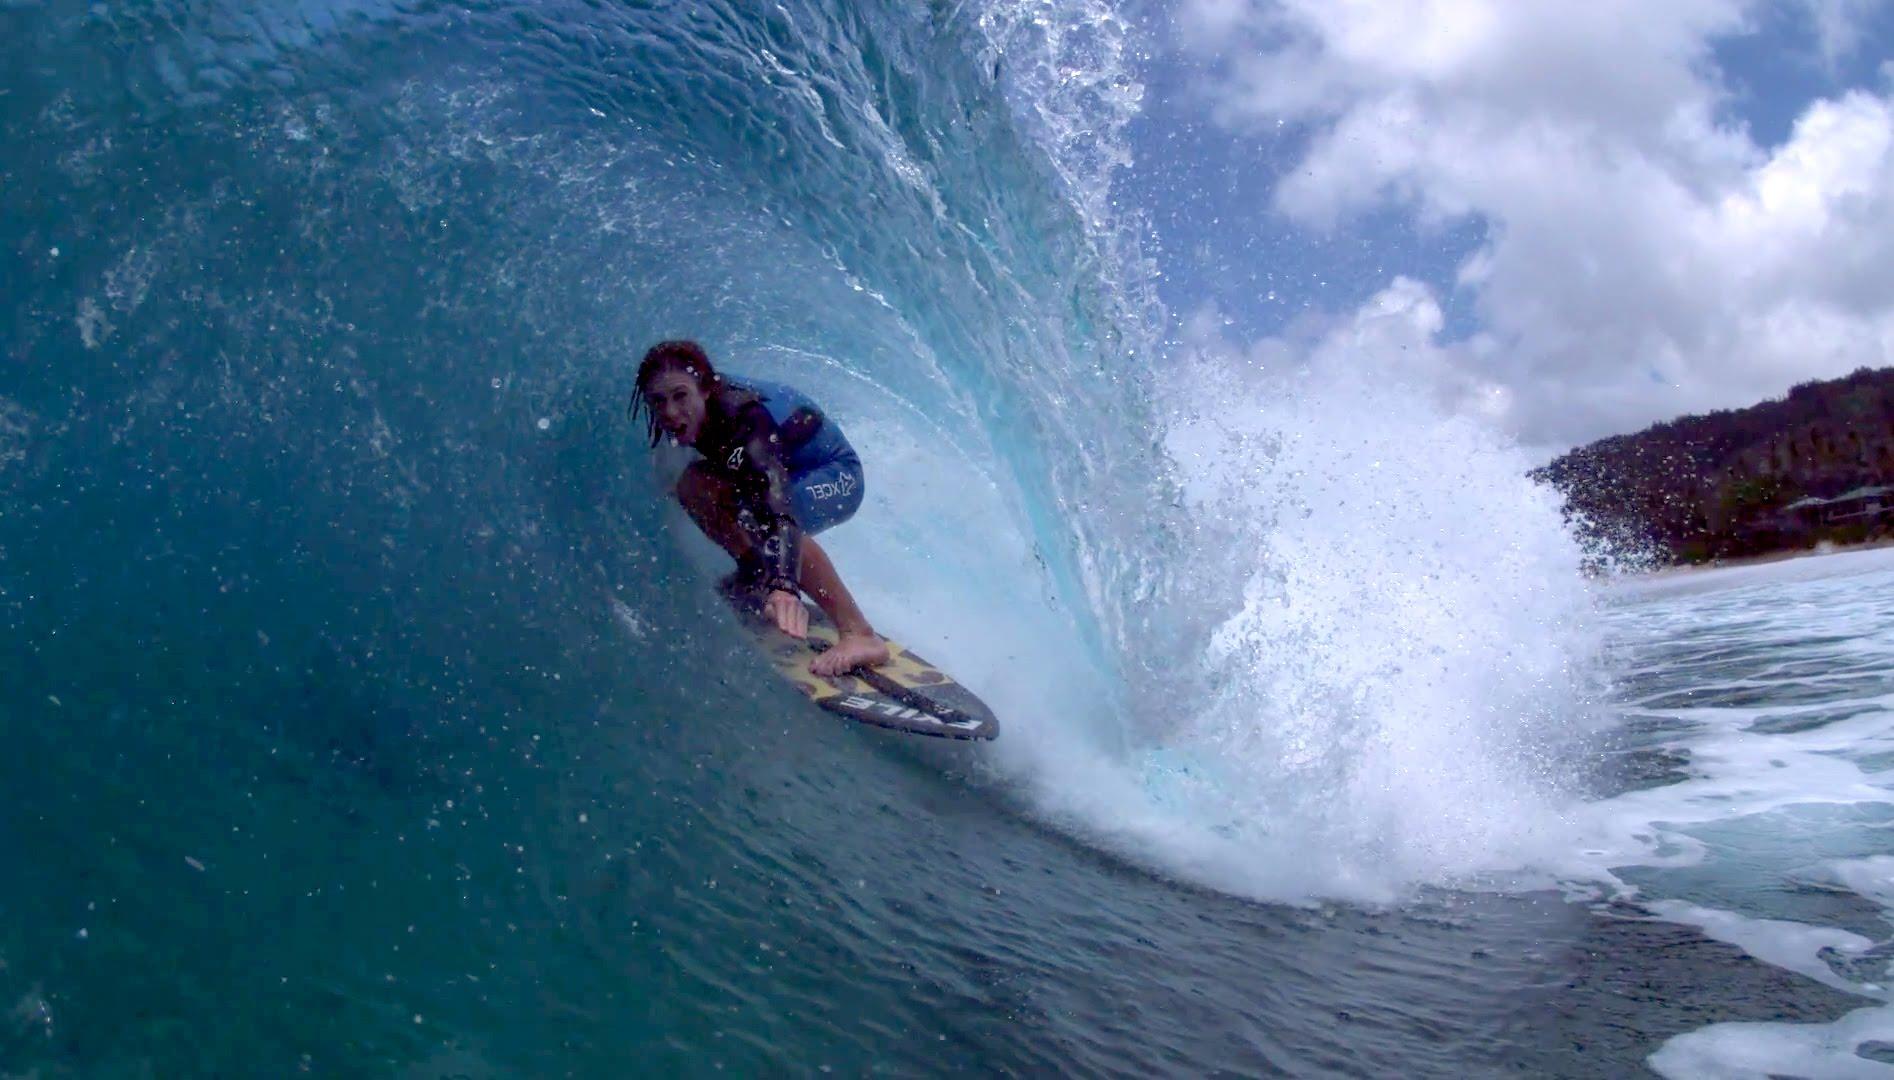 JOB以外の挑戦者登場のボードトランスファー@ハワイ:ブラッド・ドンキー